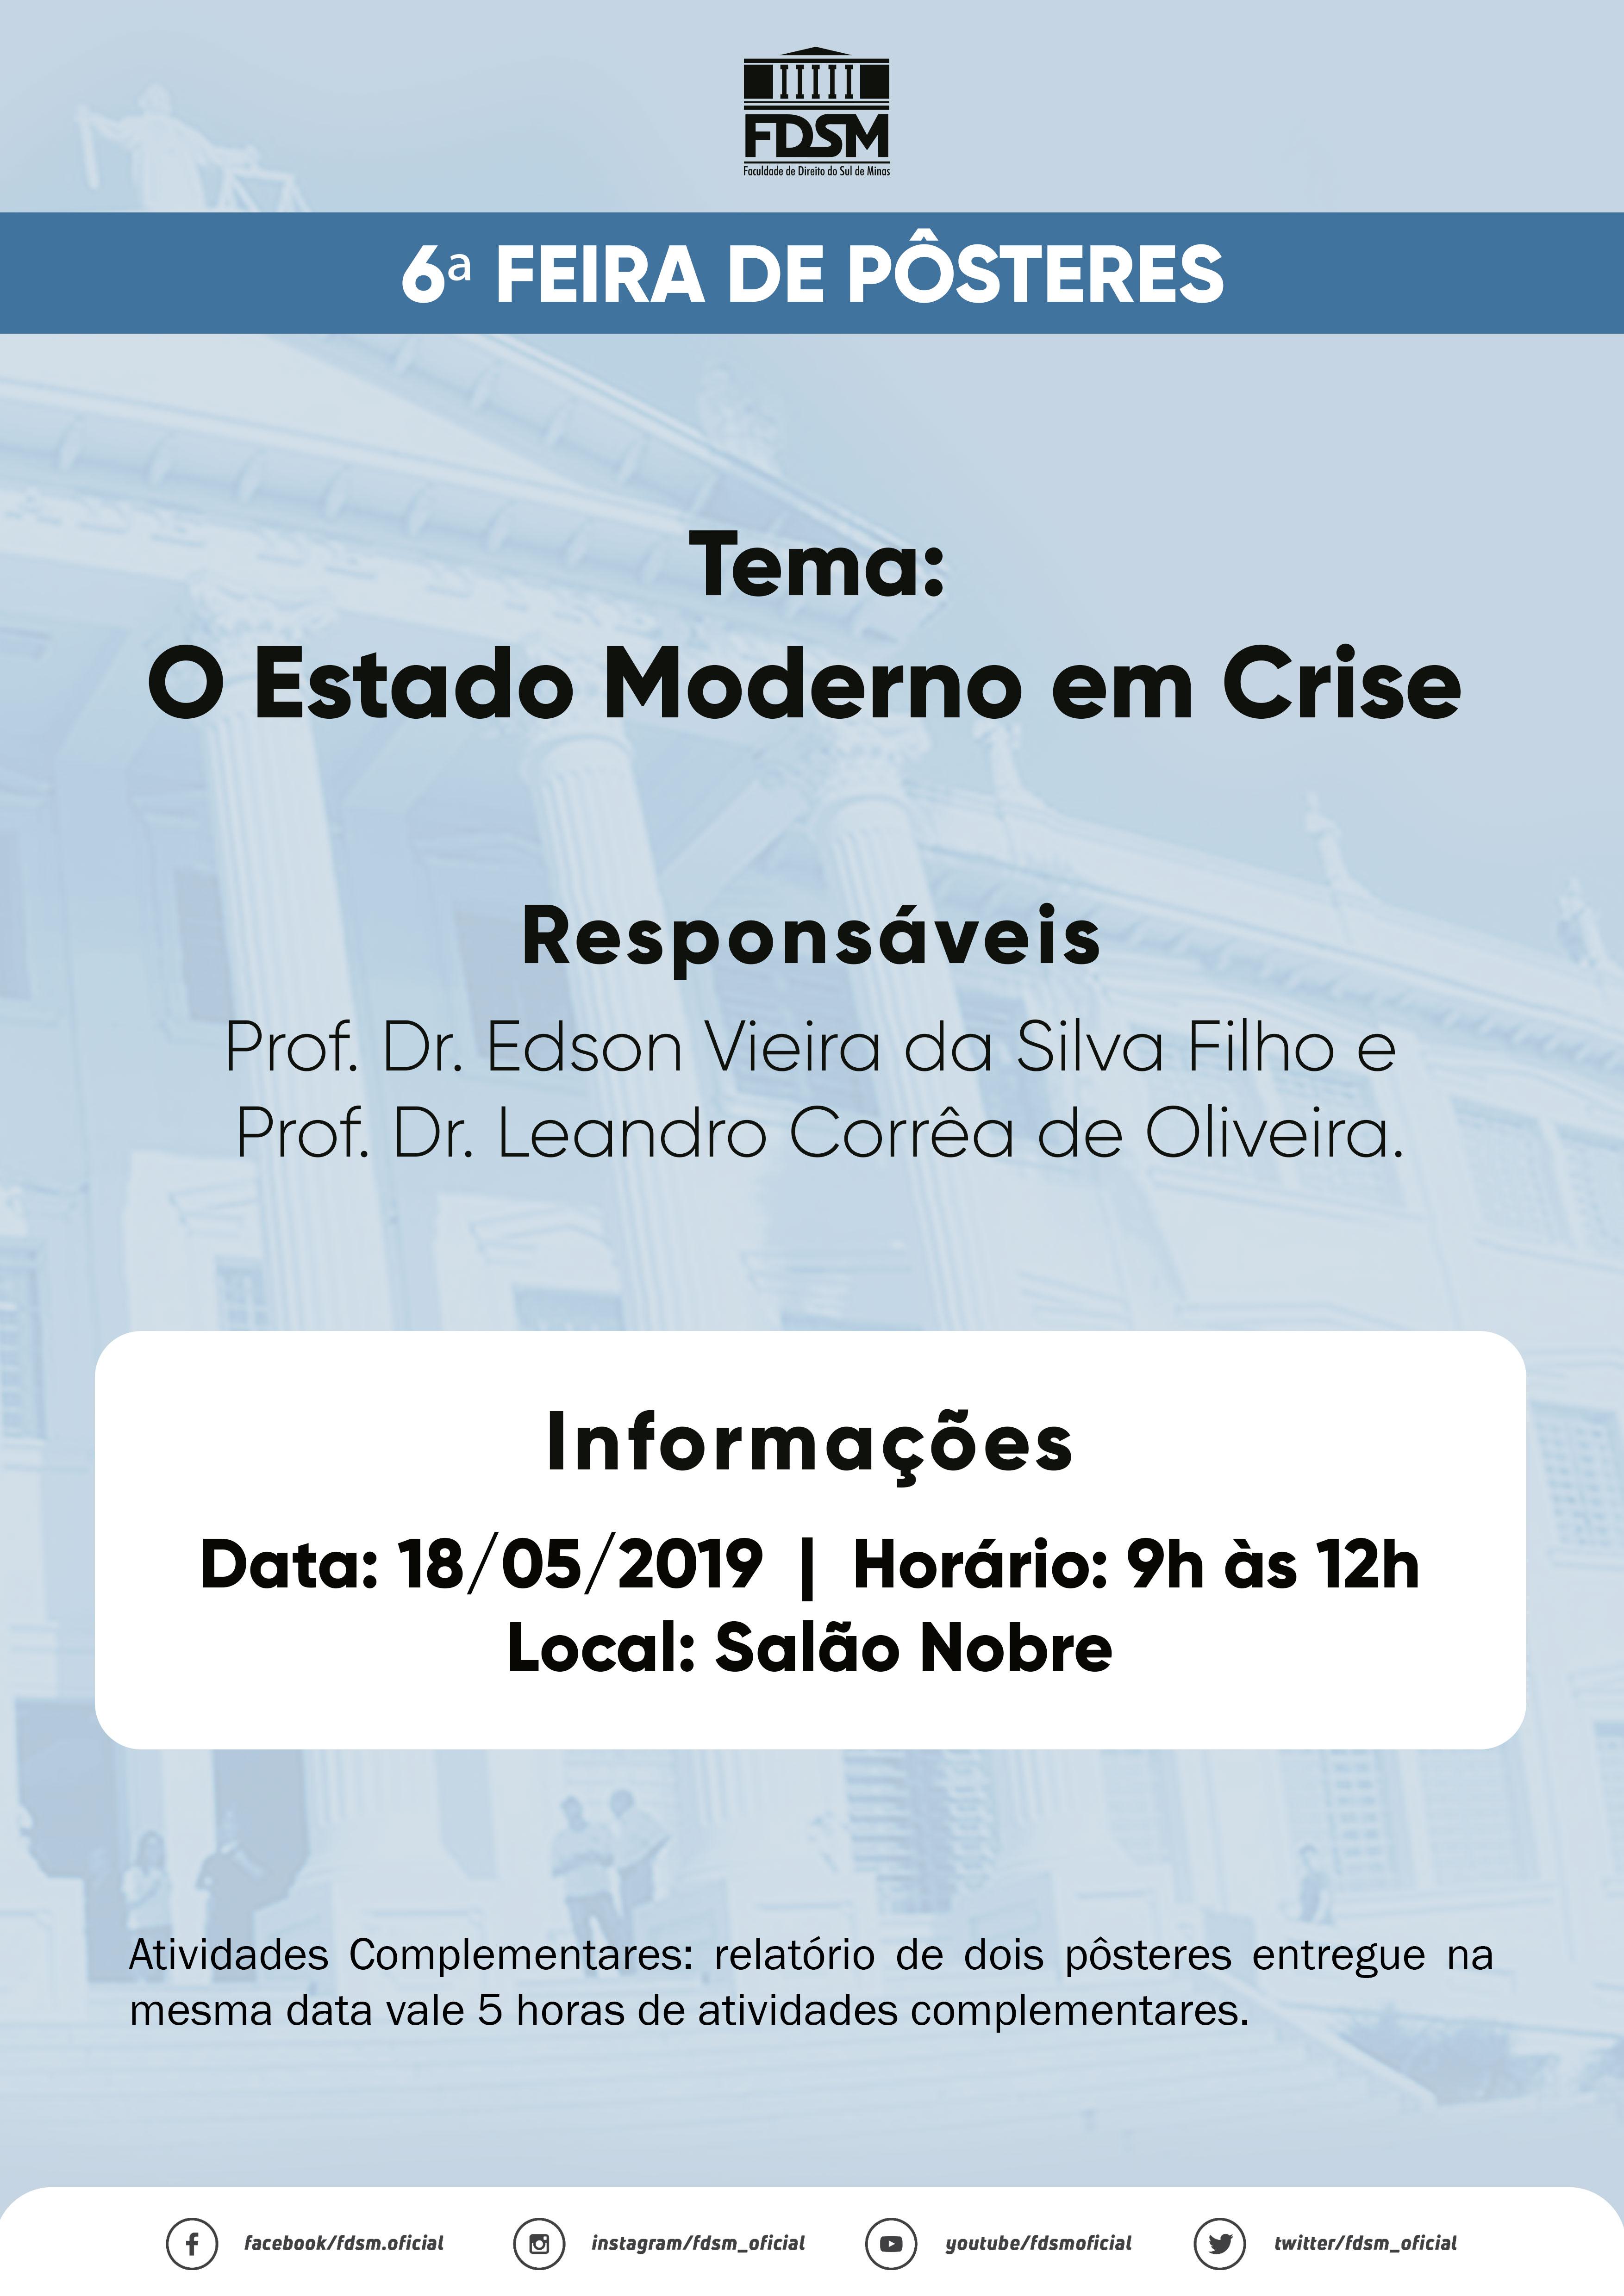 Notícia 5531 - 6ª FEIRA DE PÔSTERES